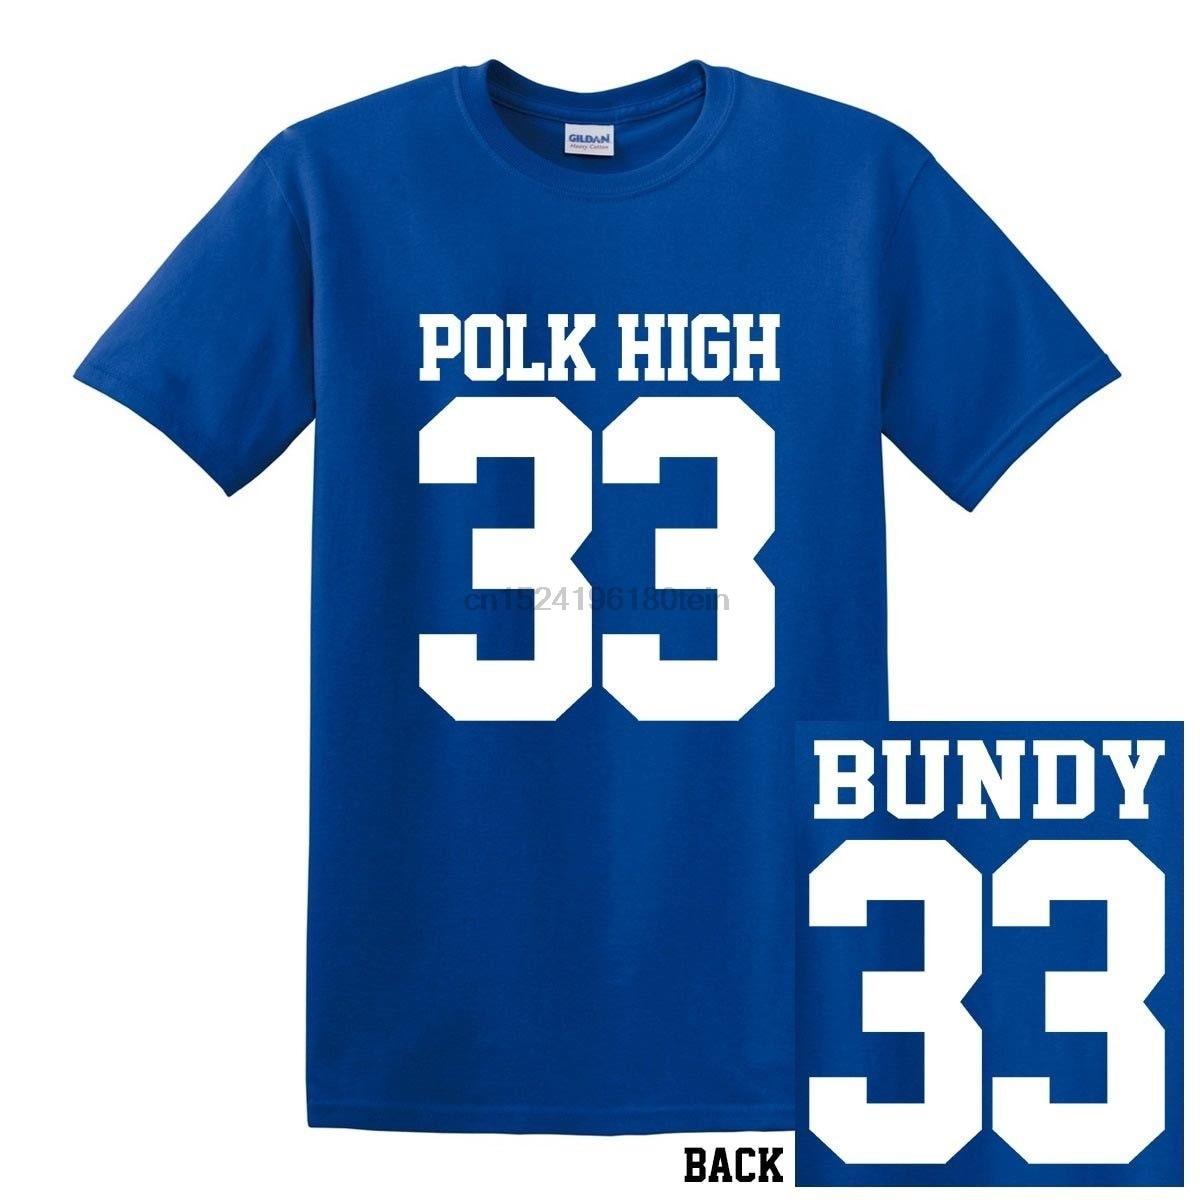 Новая футболка из Джерси для футбола с принтом «Эл Банди Женат с детьми», «POLK HIGH 33»